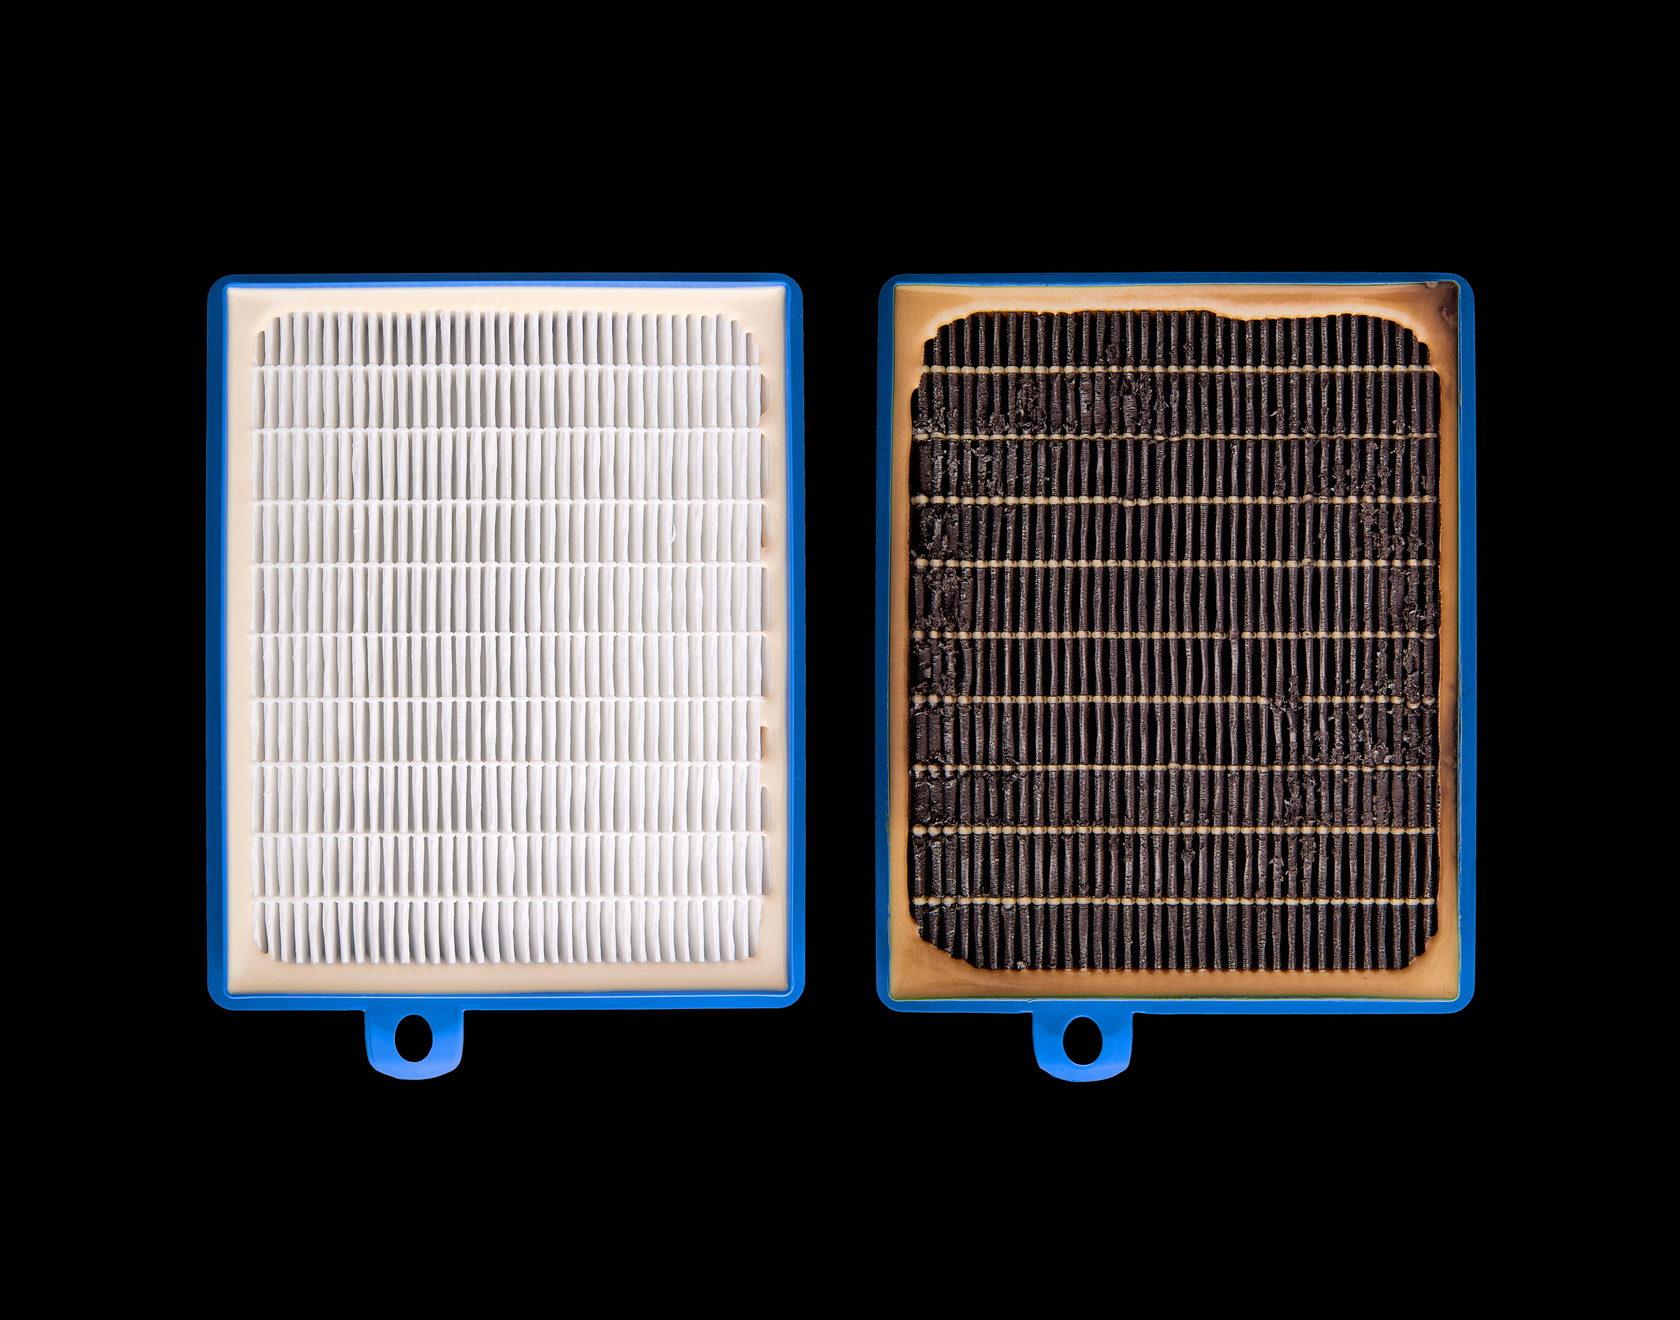 Пылесос с фильтром: виды фильтров, hepa фильтр и фильтры глубокой очистки